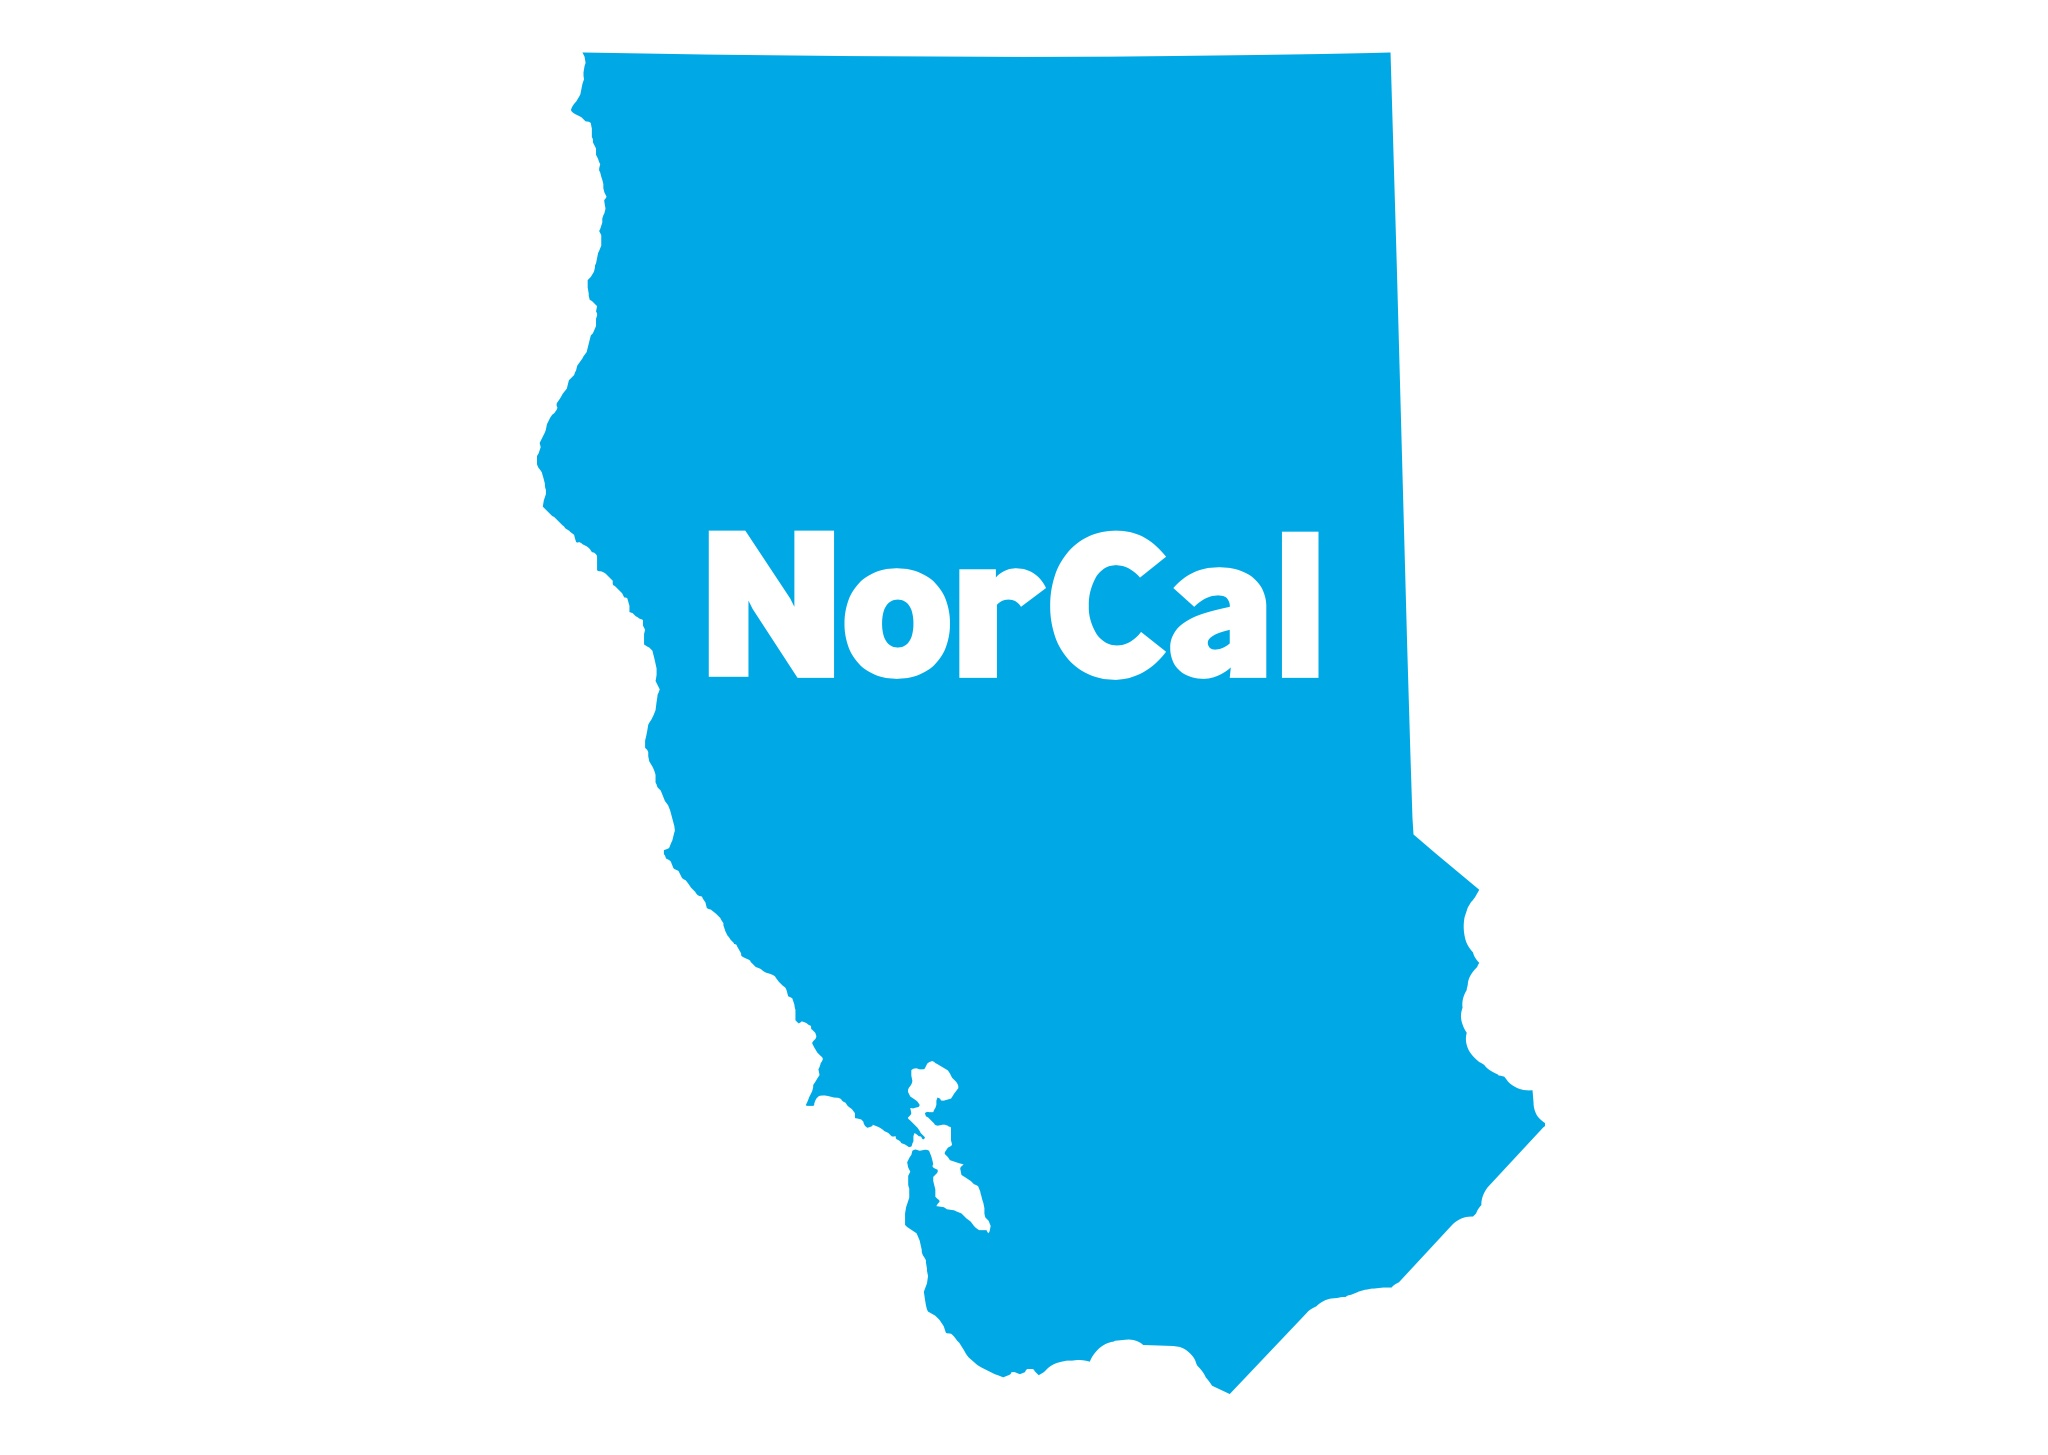 референдум в Калифорнии - NorCal